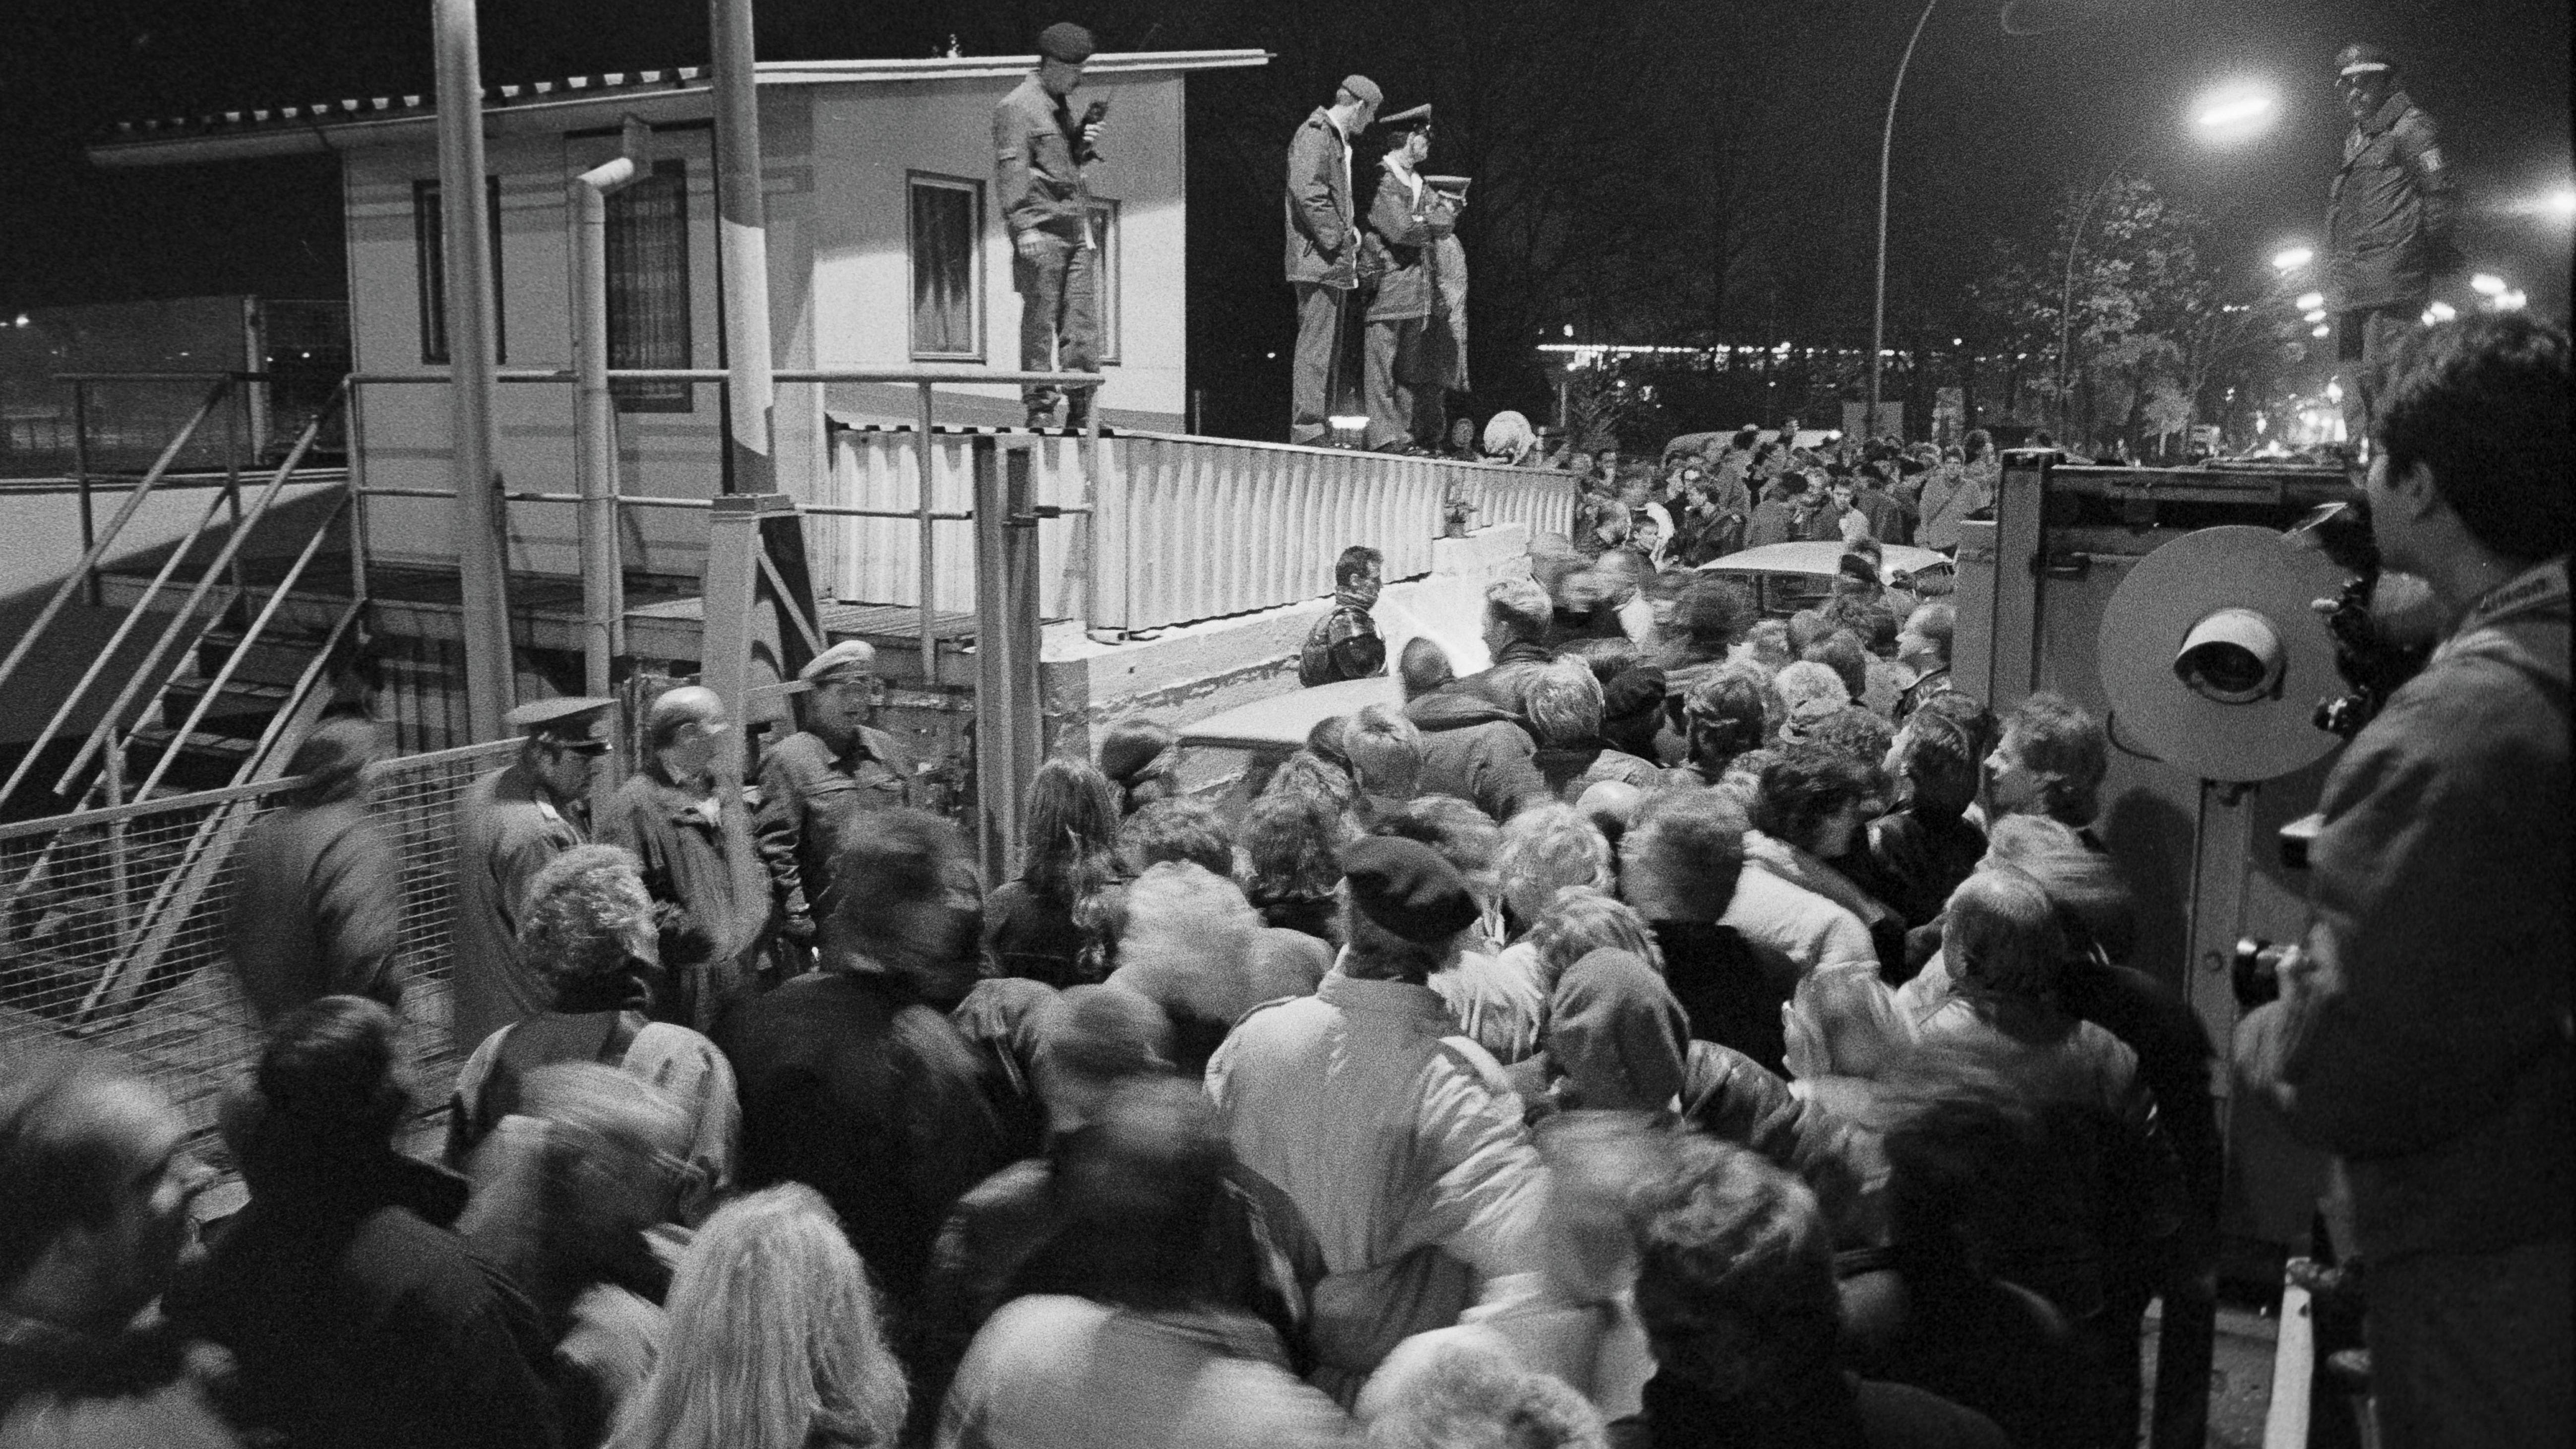 Berlin, Grenzübergang Invalidenstraße, kurz vor Mitternacht